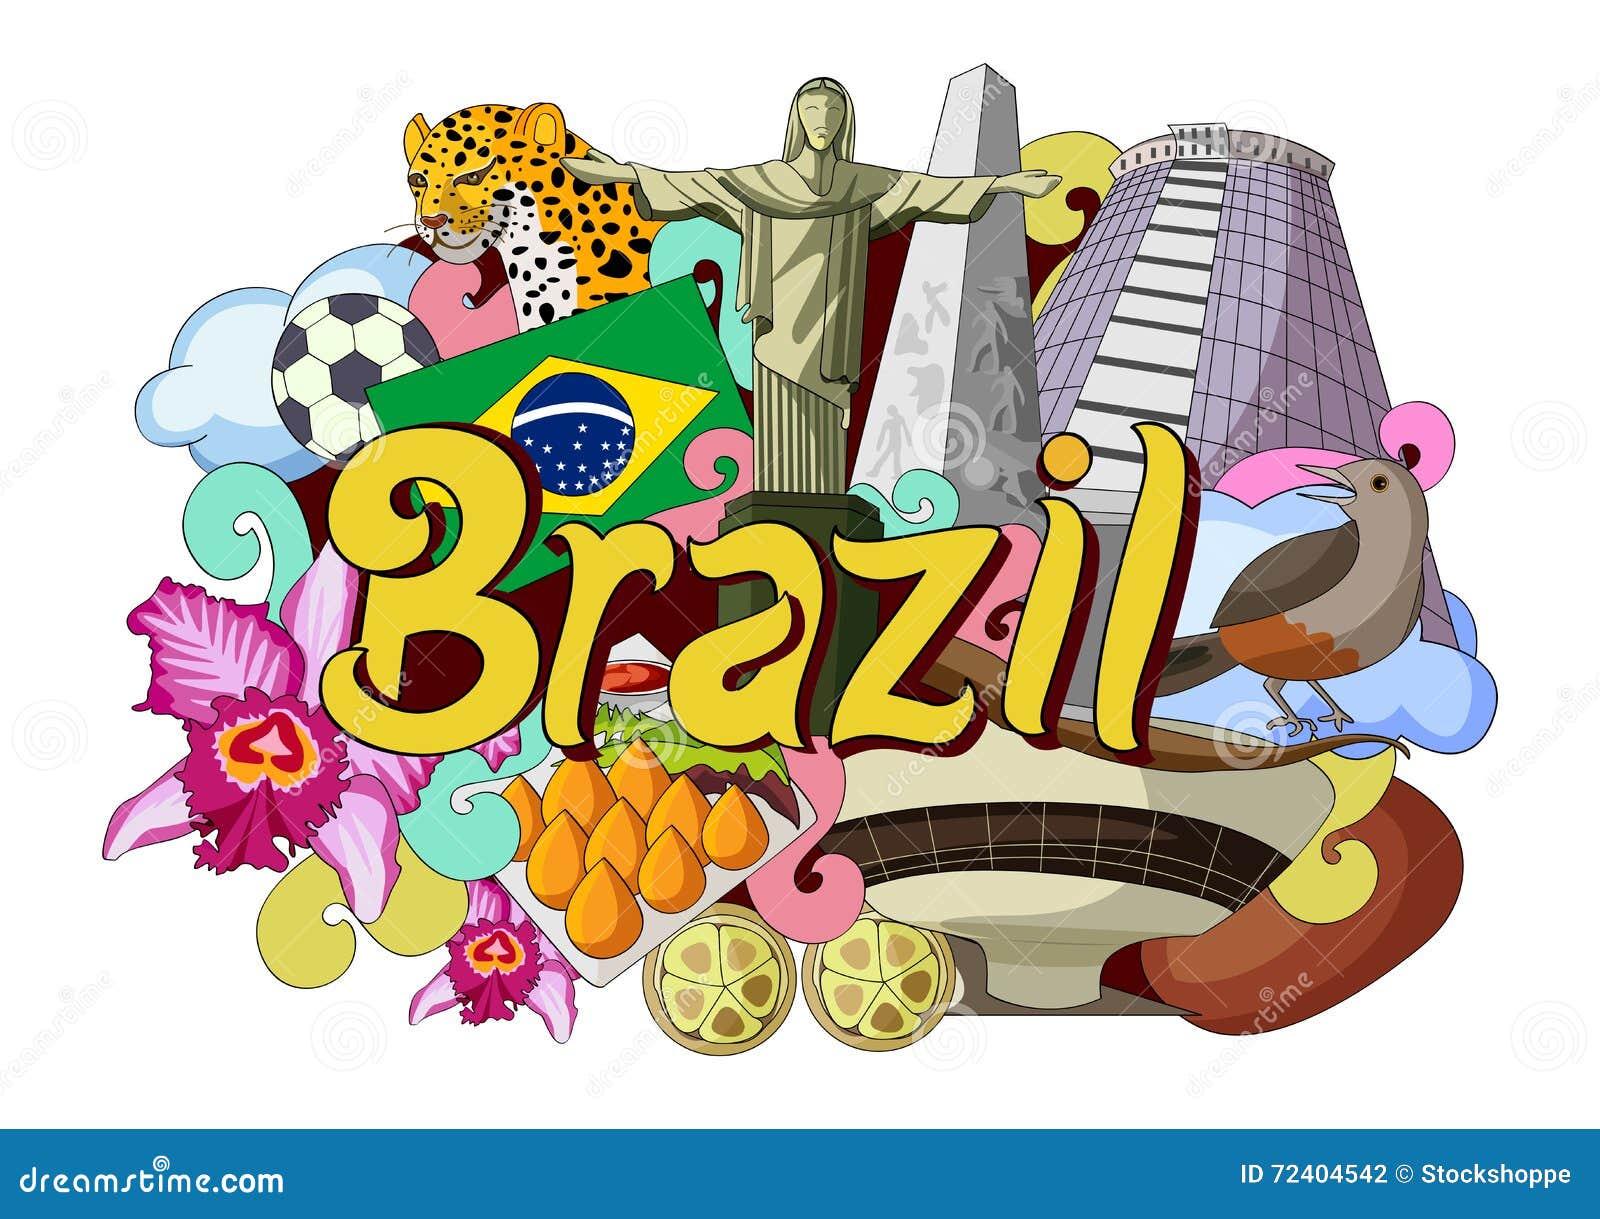 Klottervisningarkitektur och kultur av Brasilien